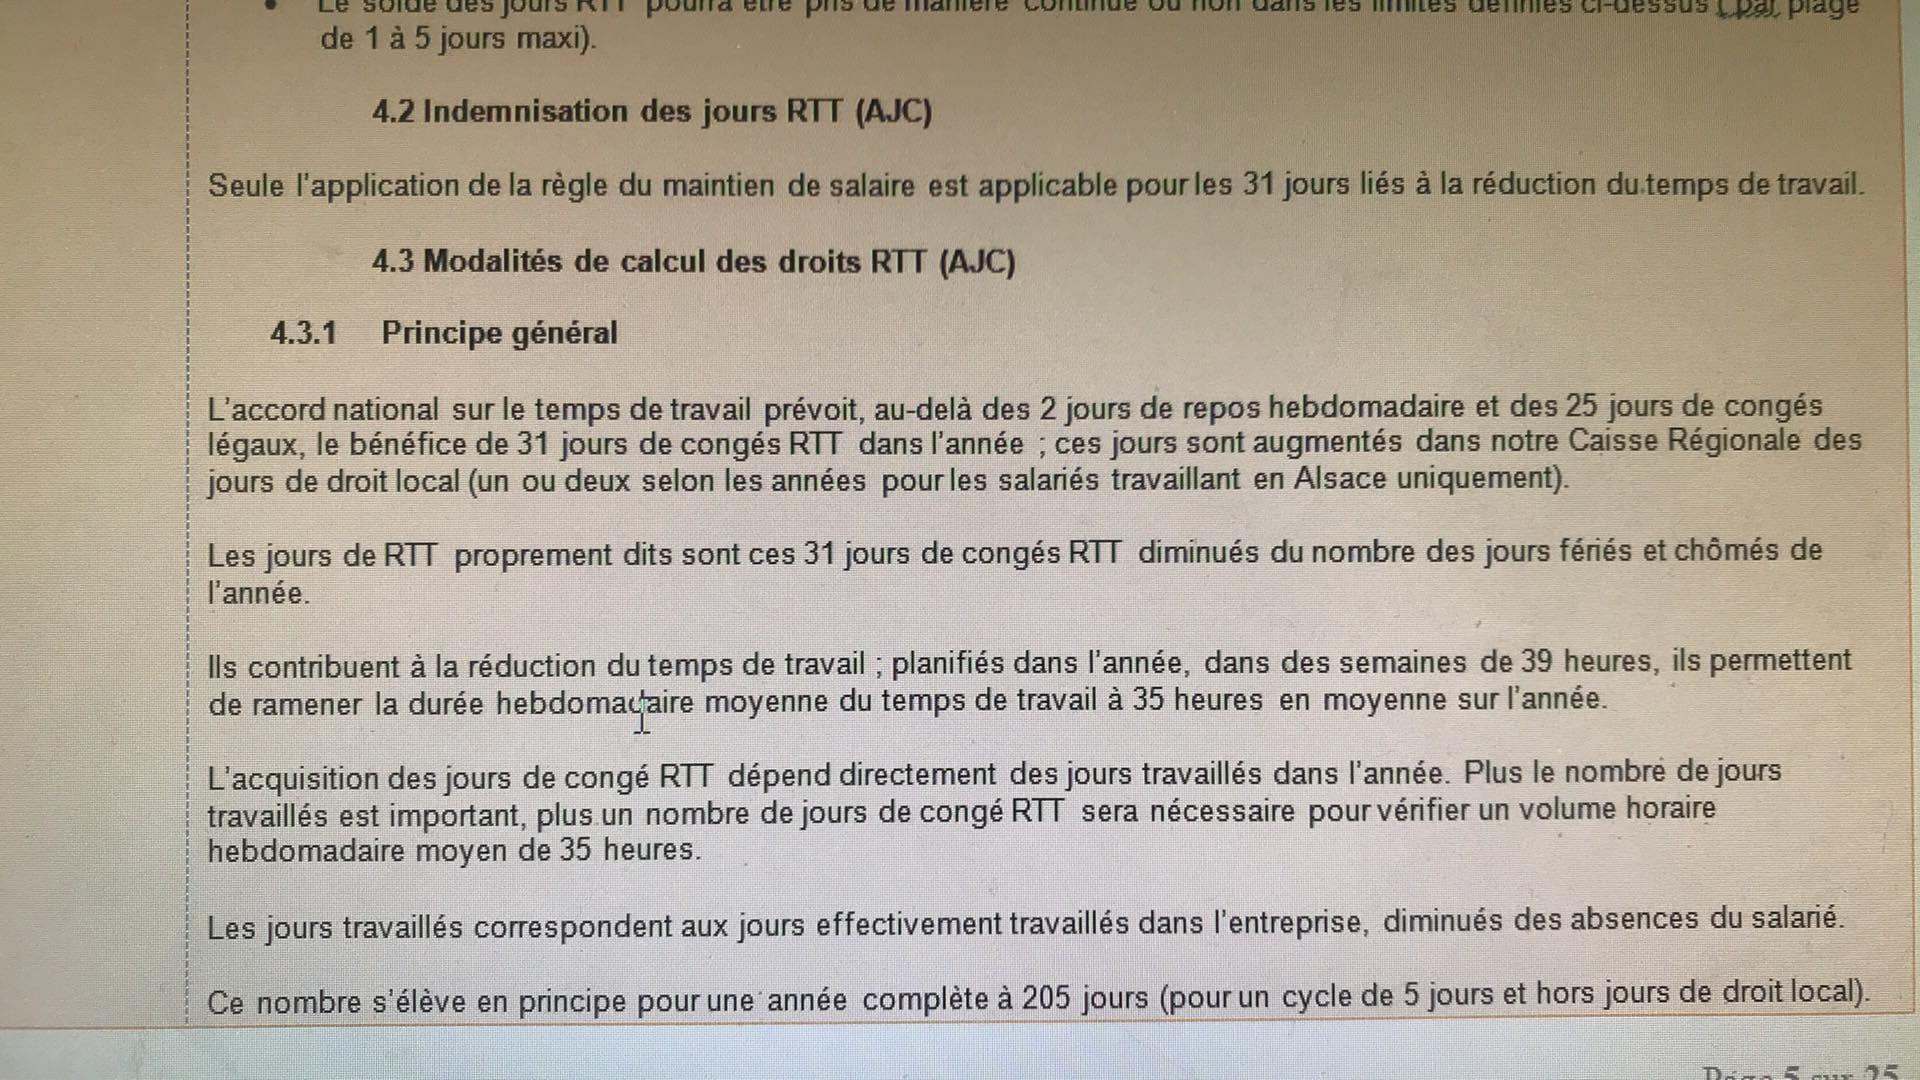 Rtt Deduits Des Jours Feries Conges